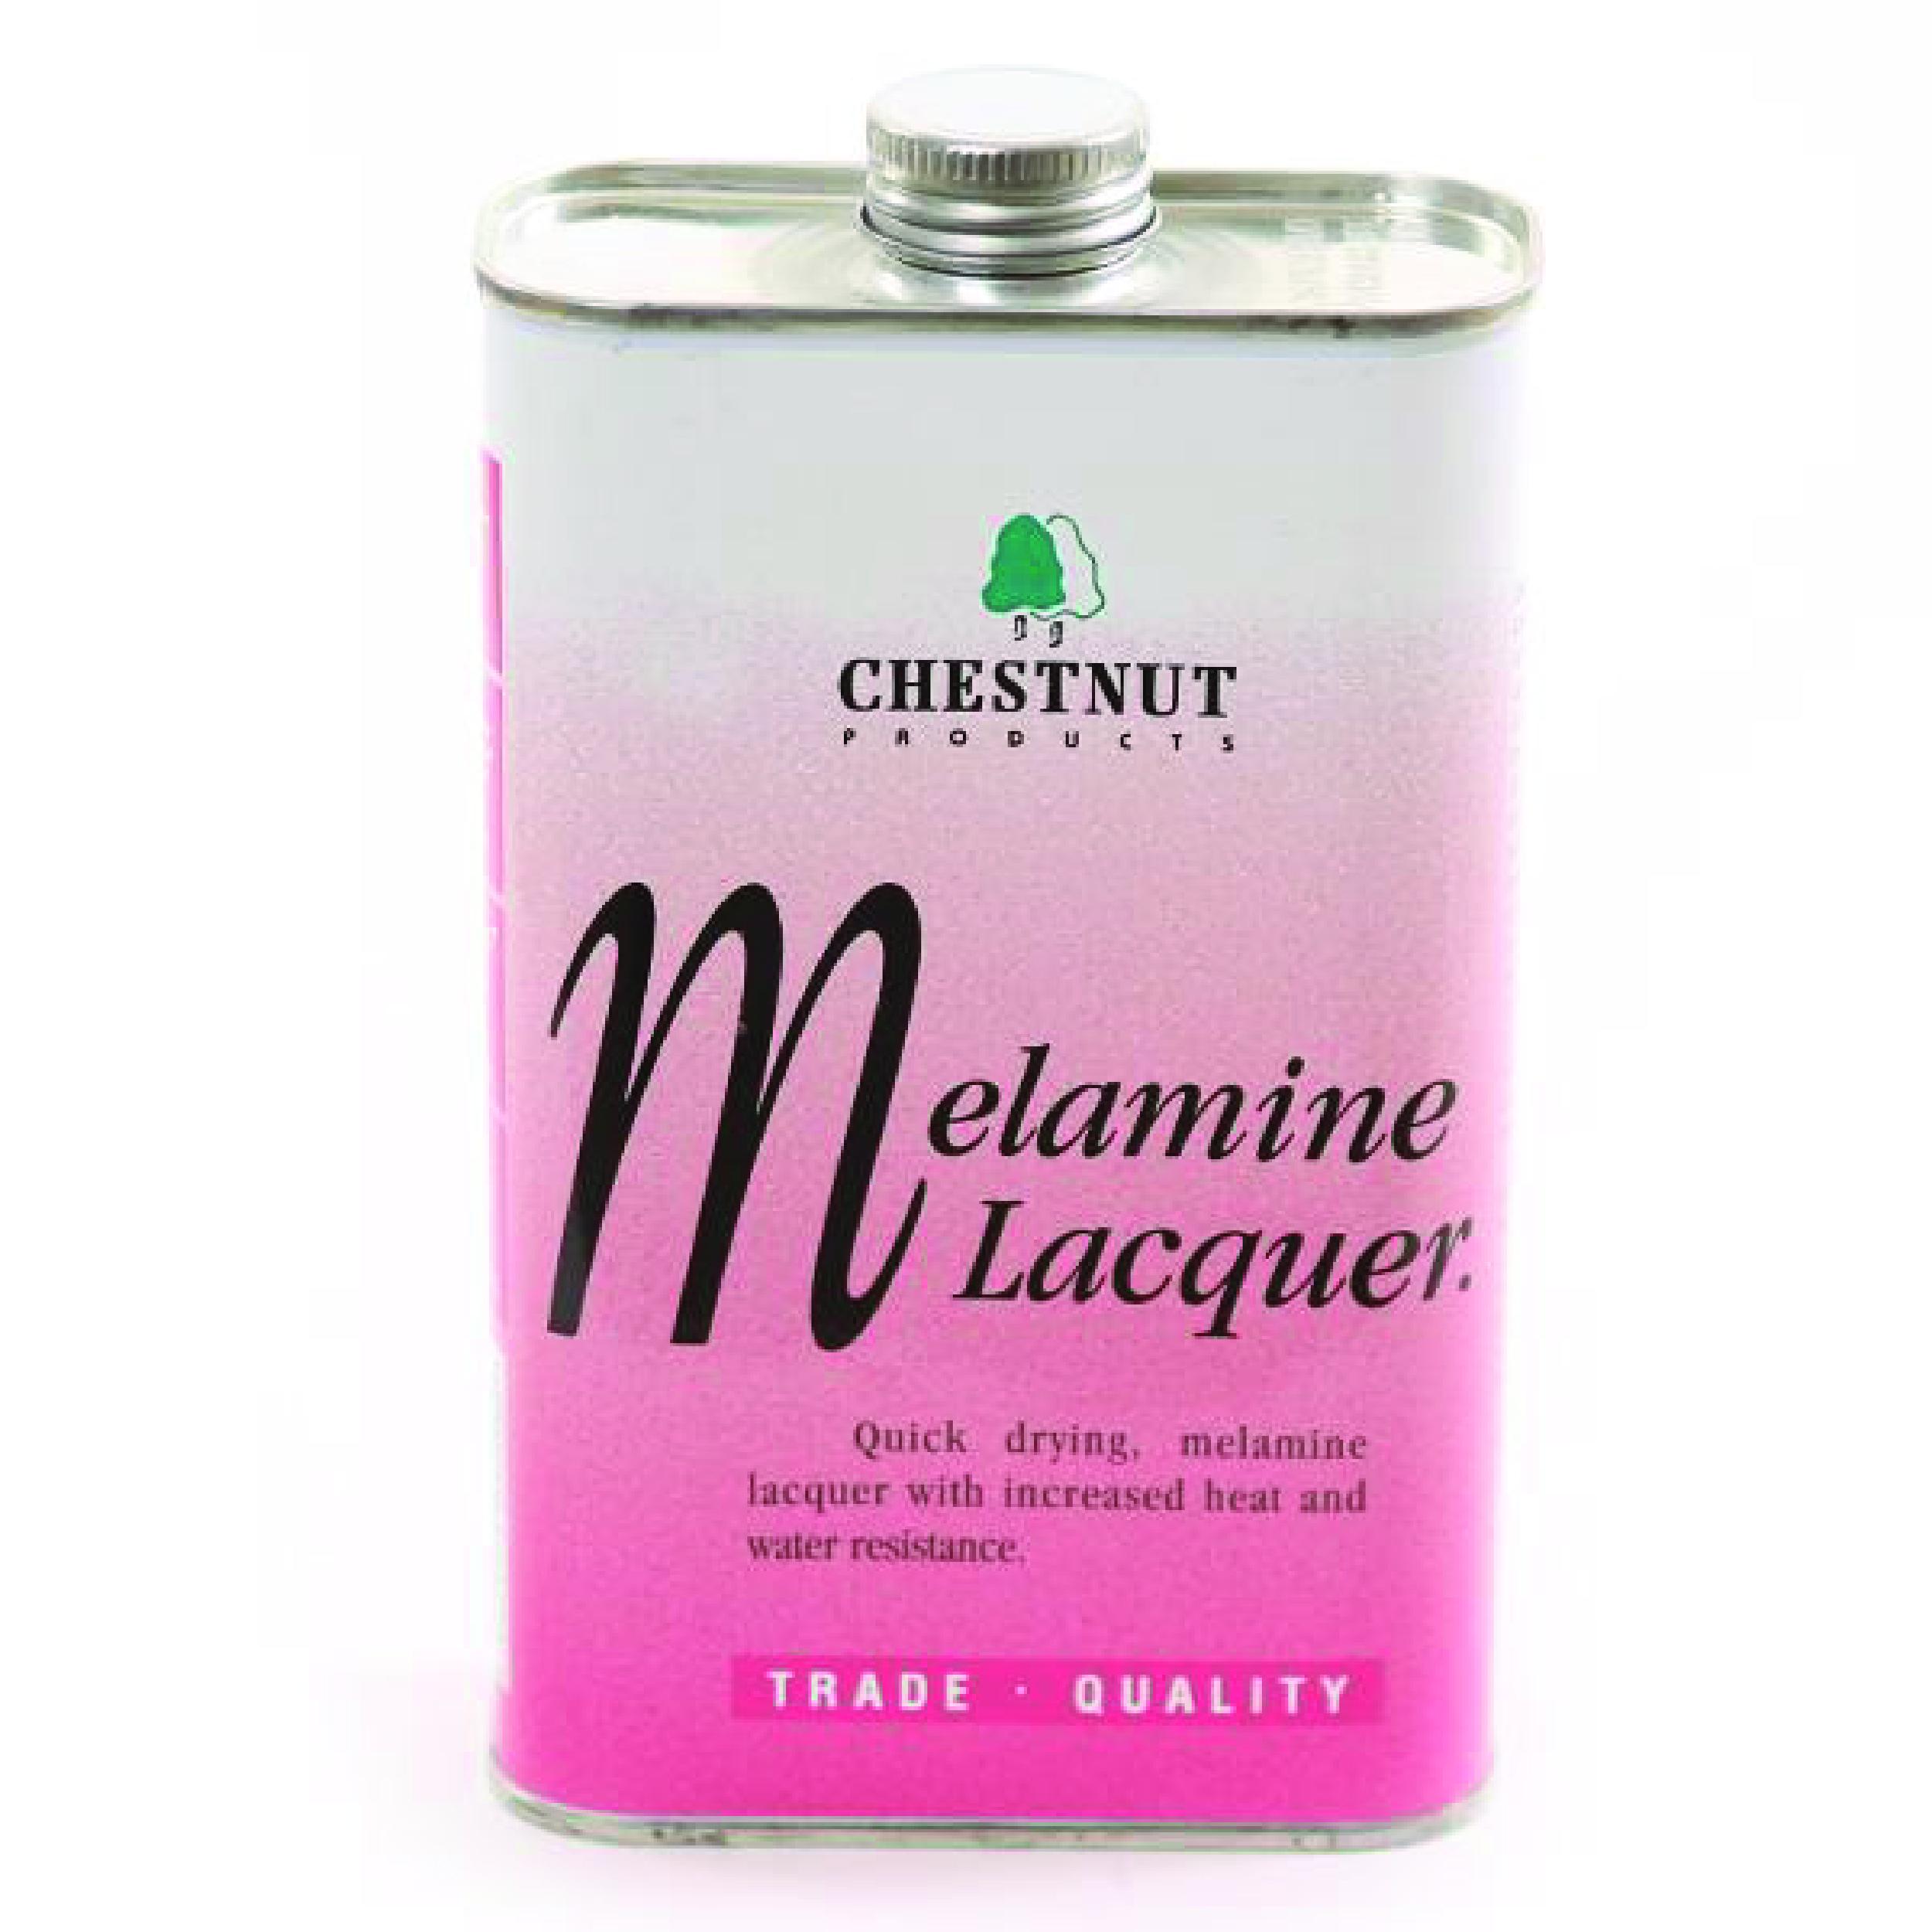 chestnut 39 s melamine lacquer